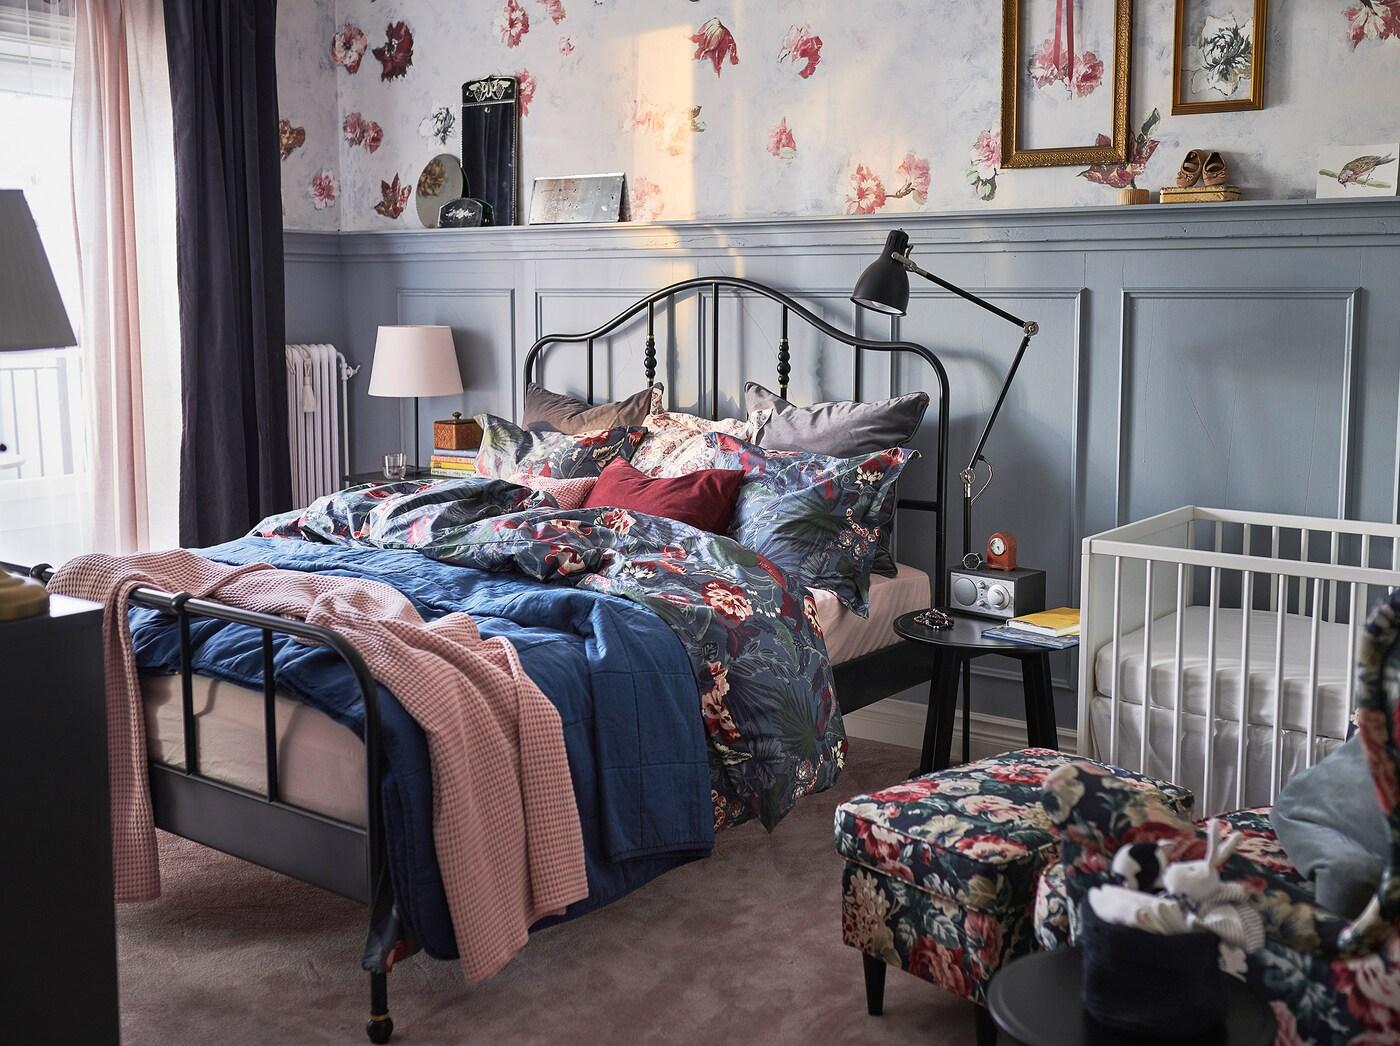 Crie um espaço partilhado tranquilo, para si e para o seu bebé, com almofadas com padrões florais, berço e trocador STUVA, em branco, e a estrutura de cama minimalista SAGSTUA, em preto.